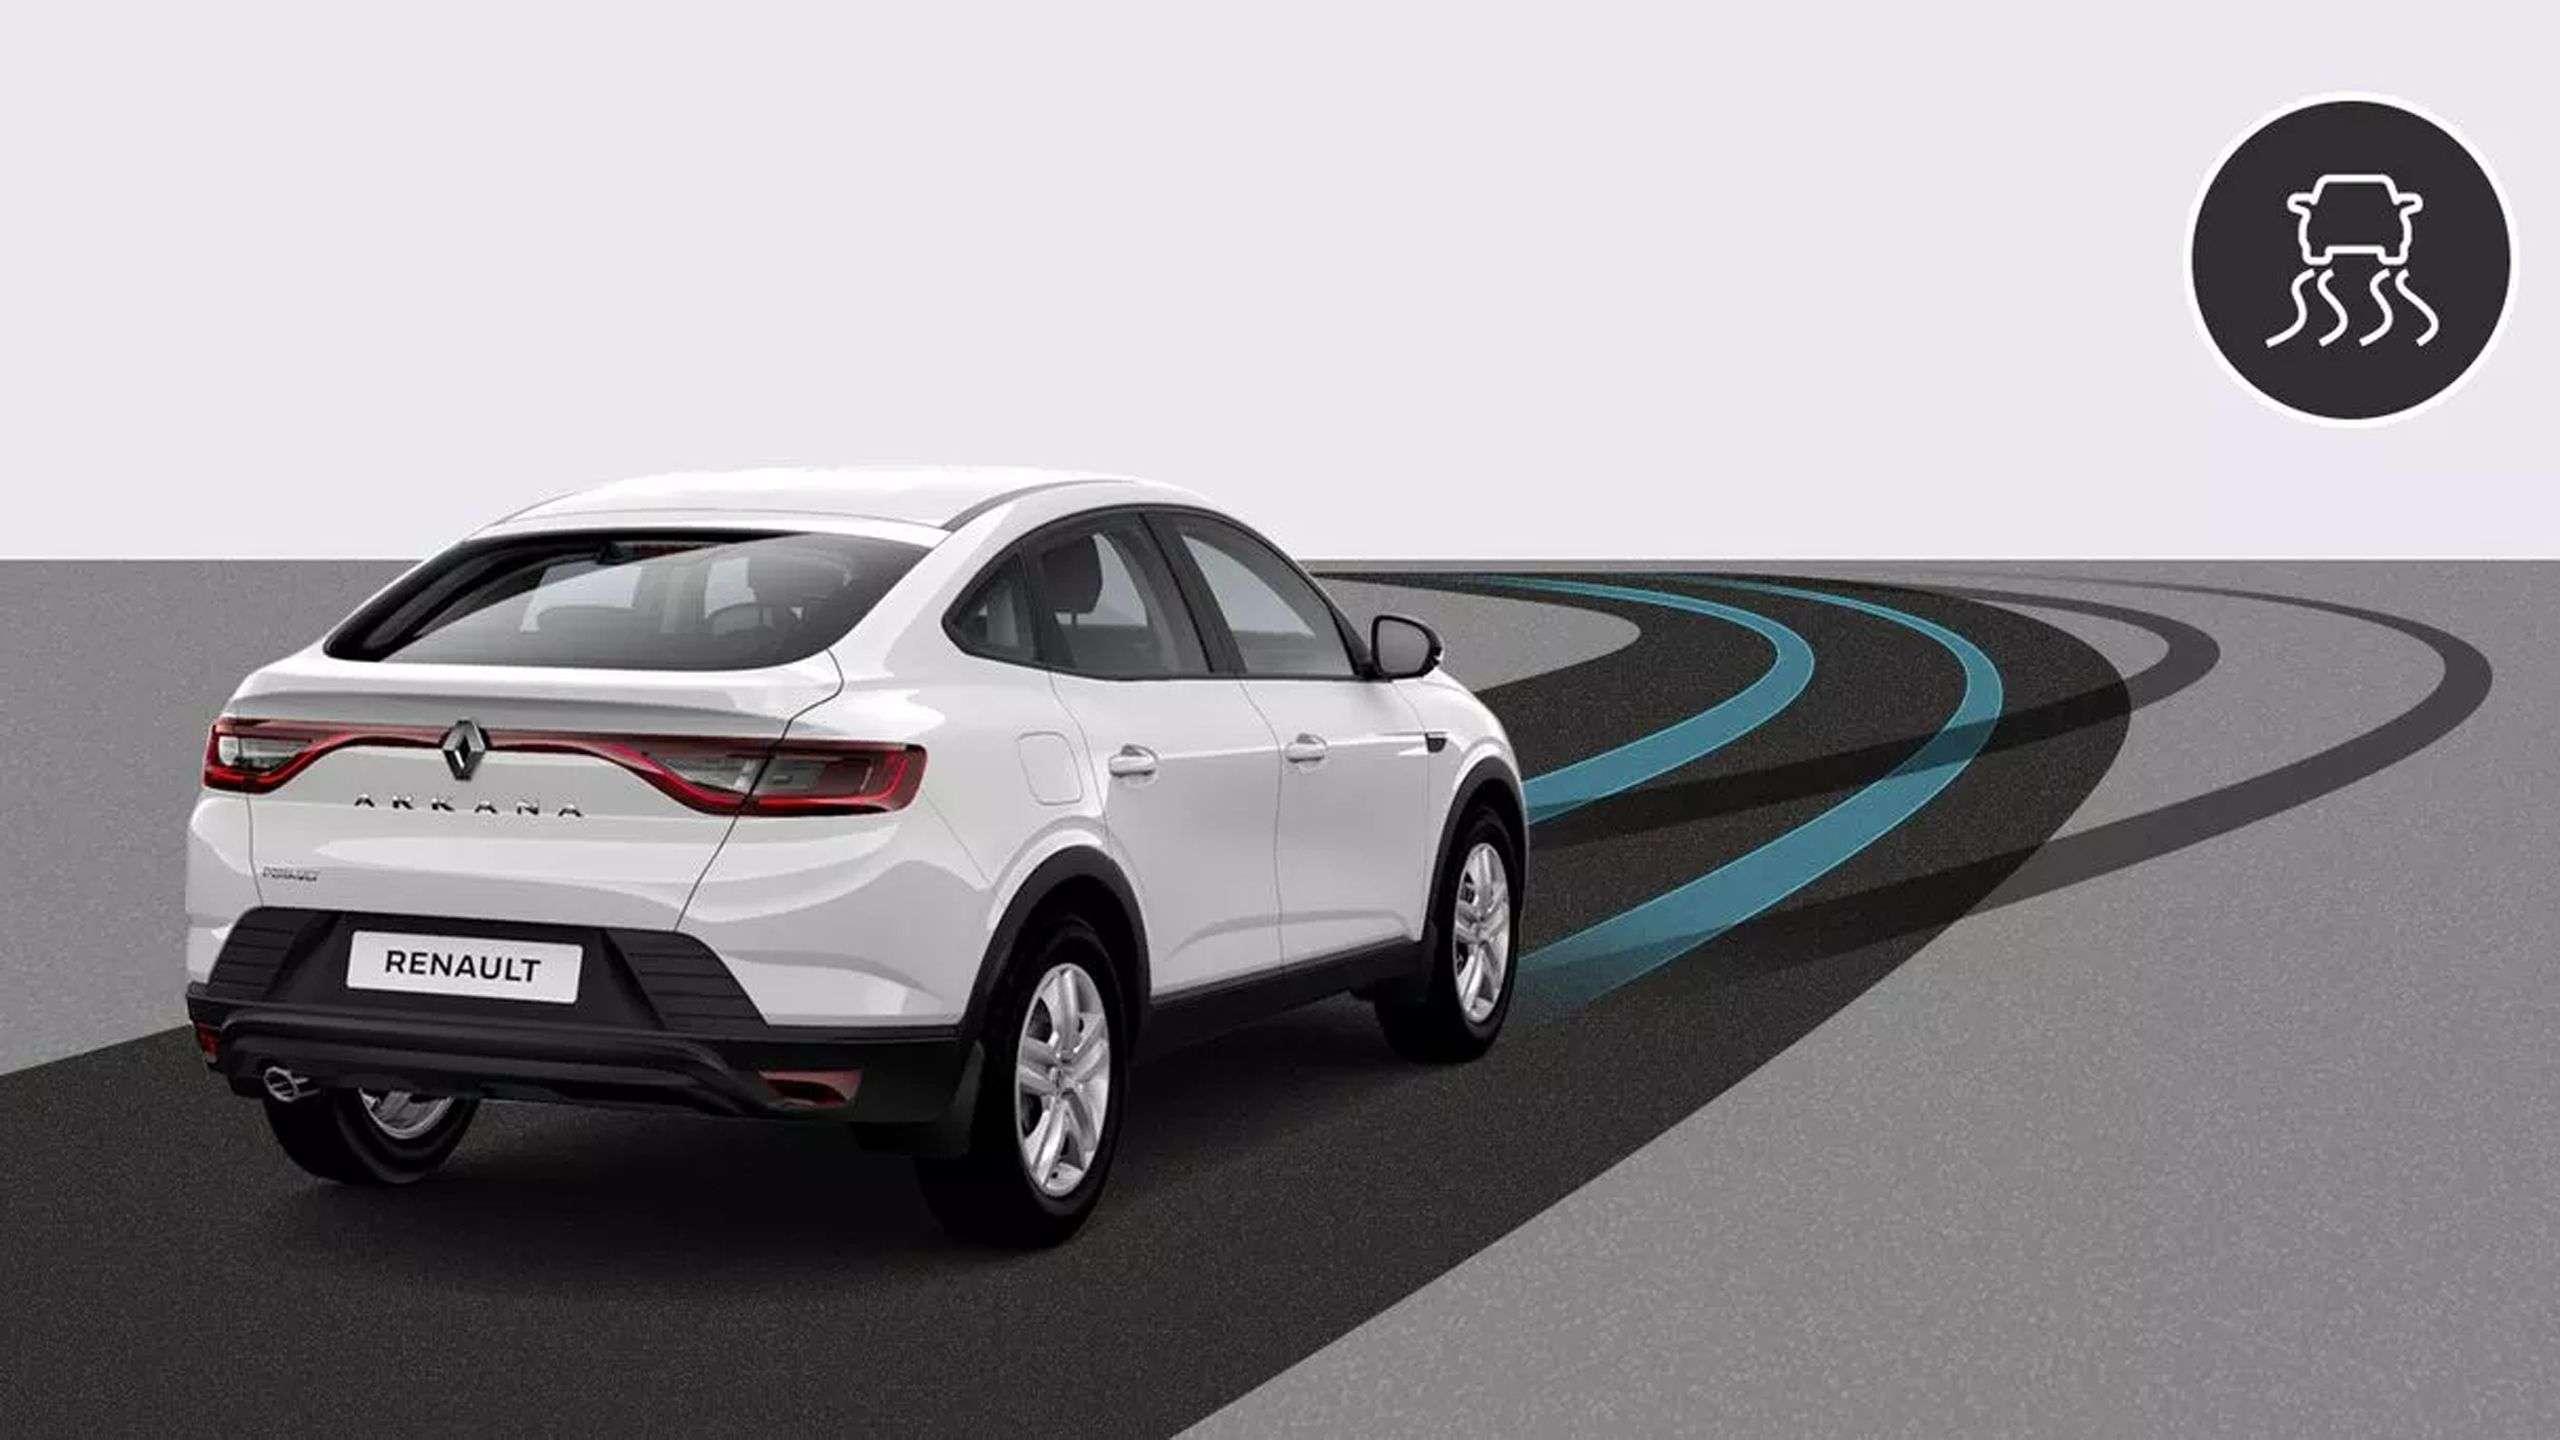 Новий Renault ARKANA обладнаний усіма традиційними системами безпеки.